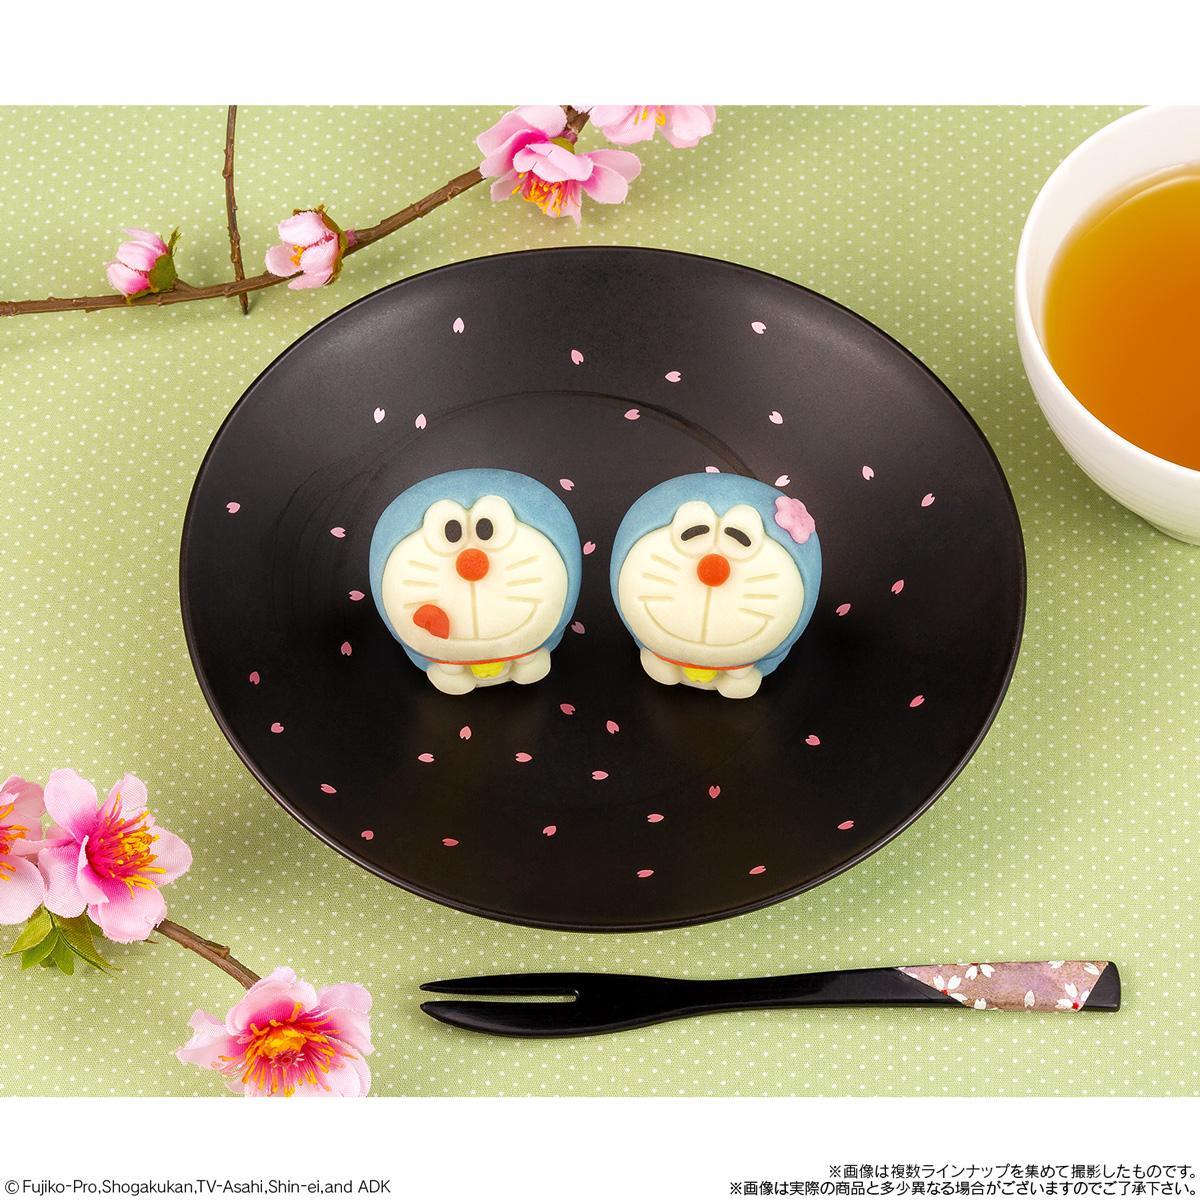 ドラえもんの和菓子が新しい表情になって登場🌟🌈